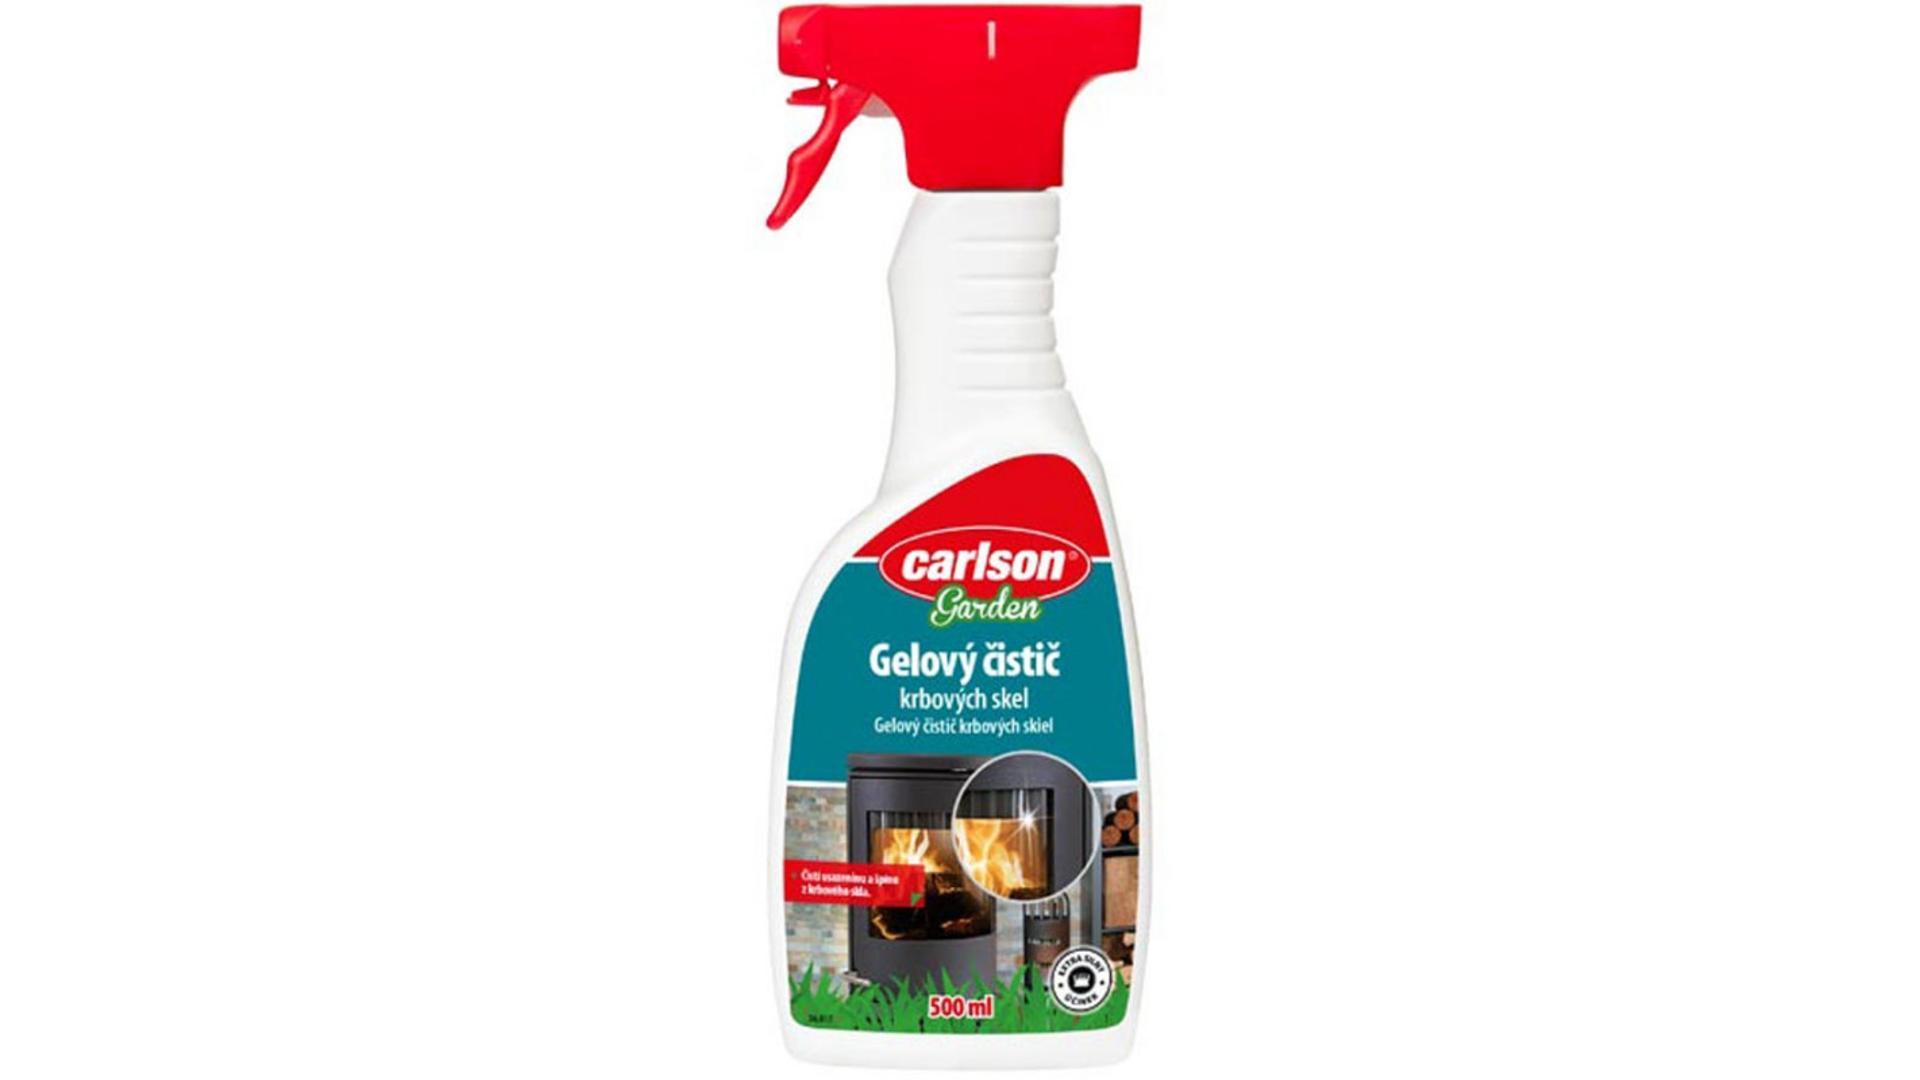 CARLSON gelový čistič krbových skel 500ml